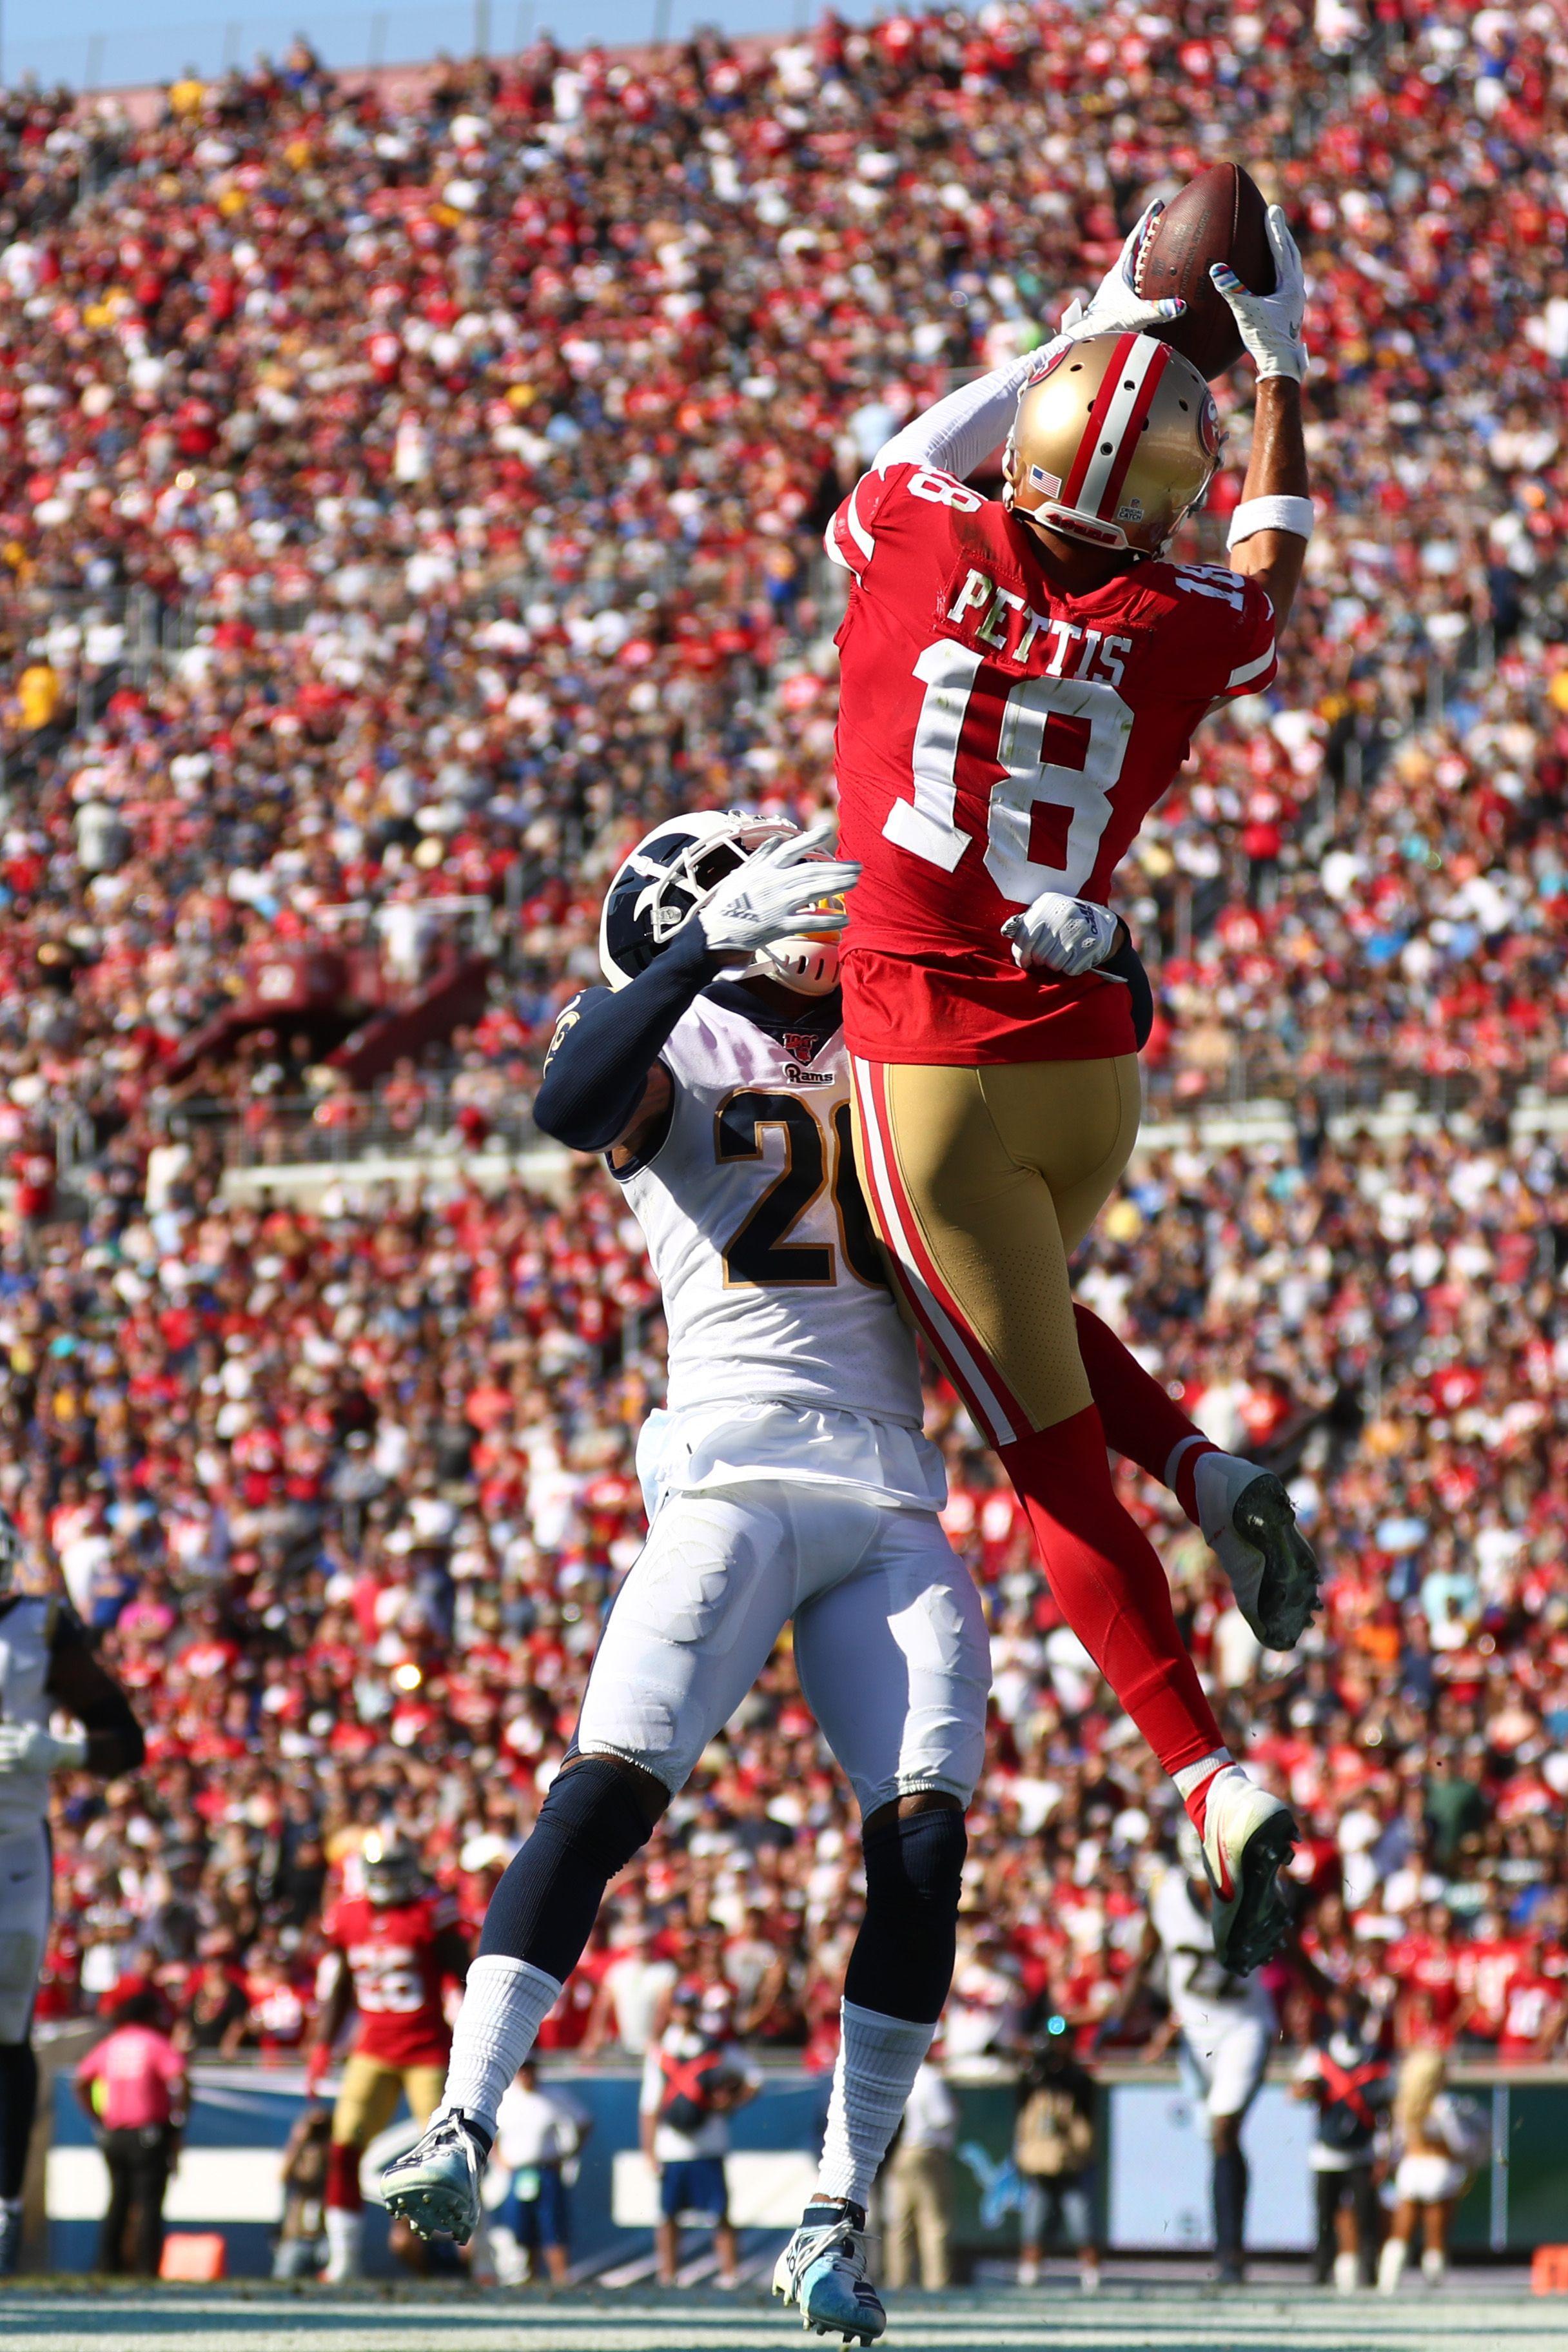 Dante Pettis makes a catch